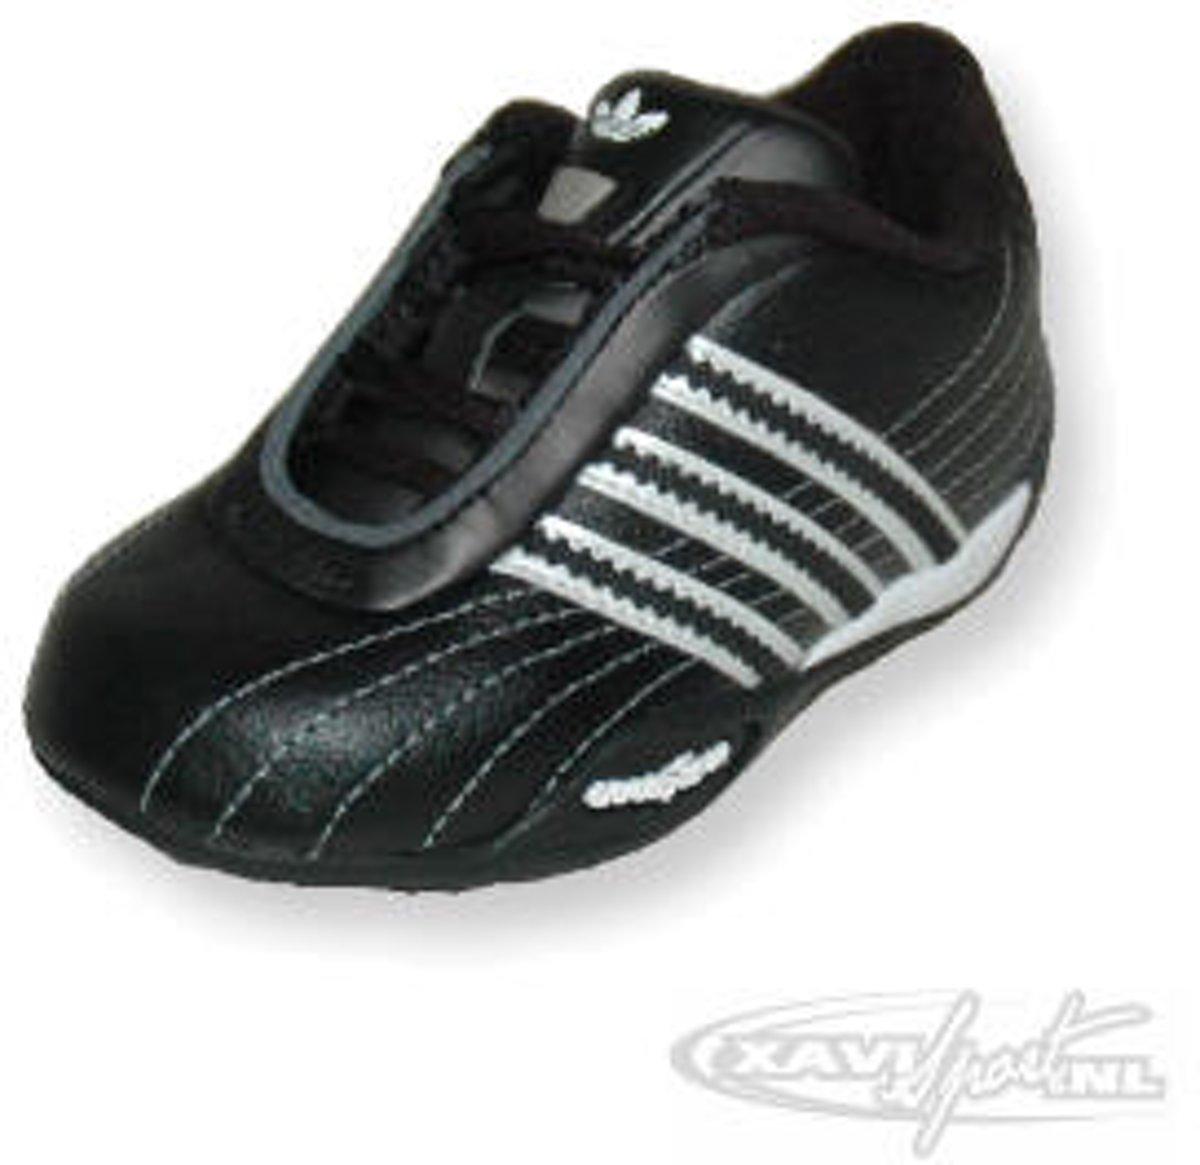 Adidas Goodyear Racer Lea I maat 24   Adidas Goodyear Racer Lea I maat 24  f70a7299370ce867c5dd2f4a82c1f4c2     Adidas Goodyear Racer Lea I maat 24